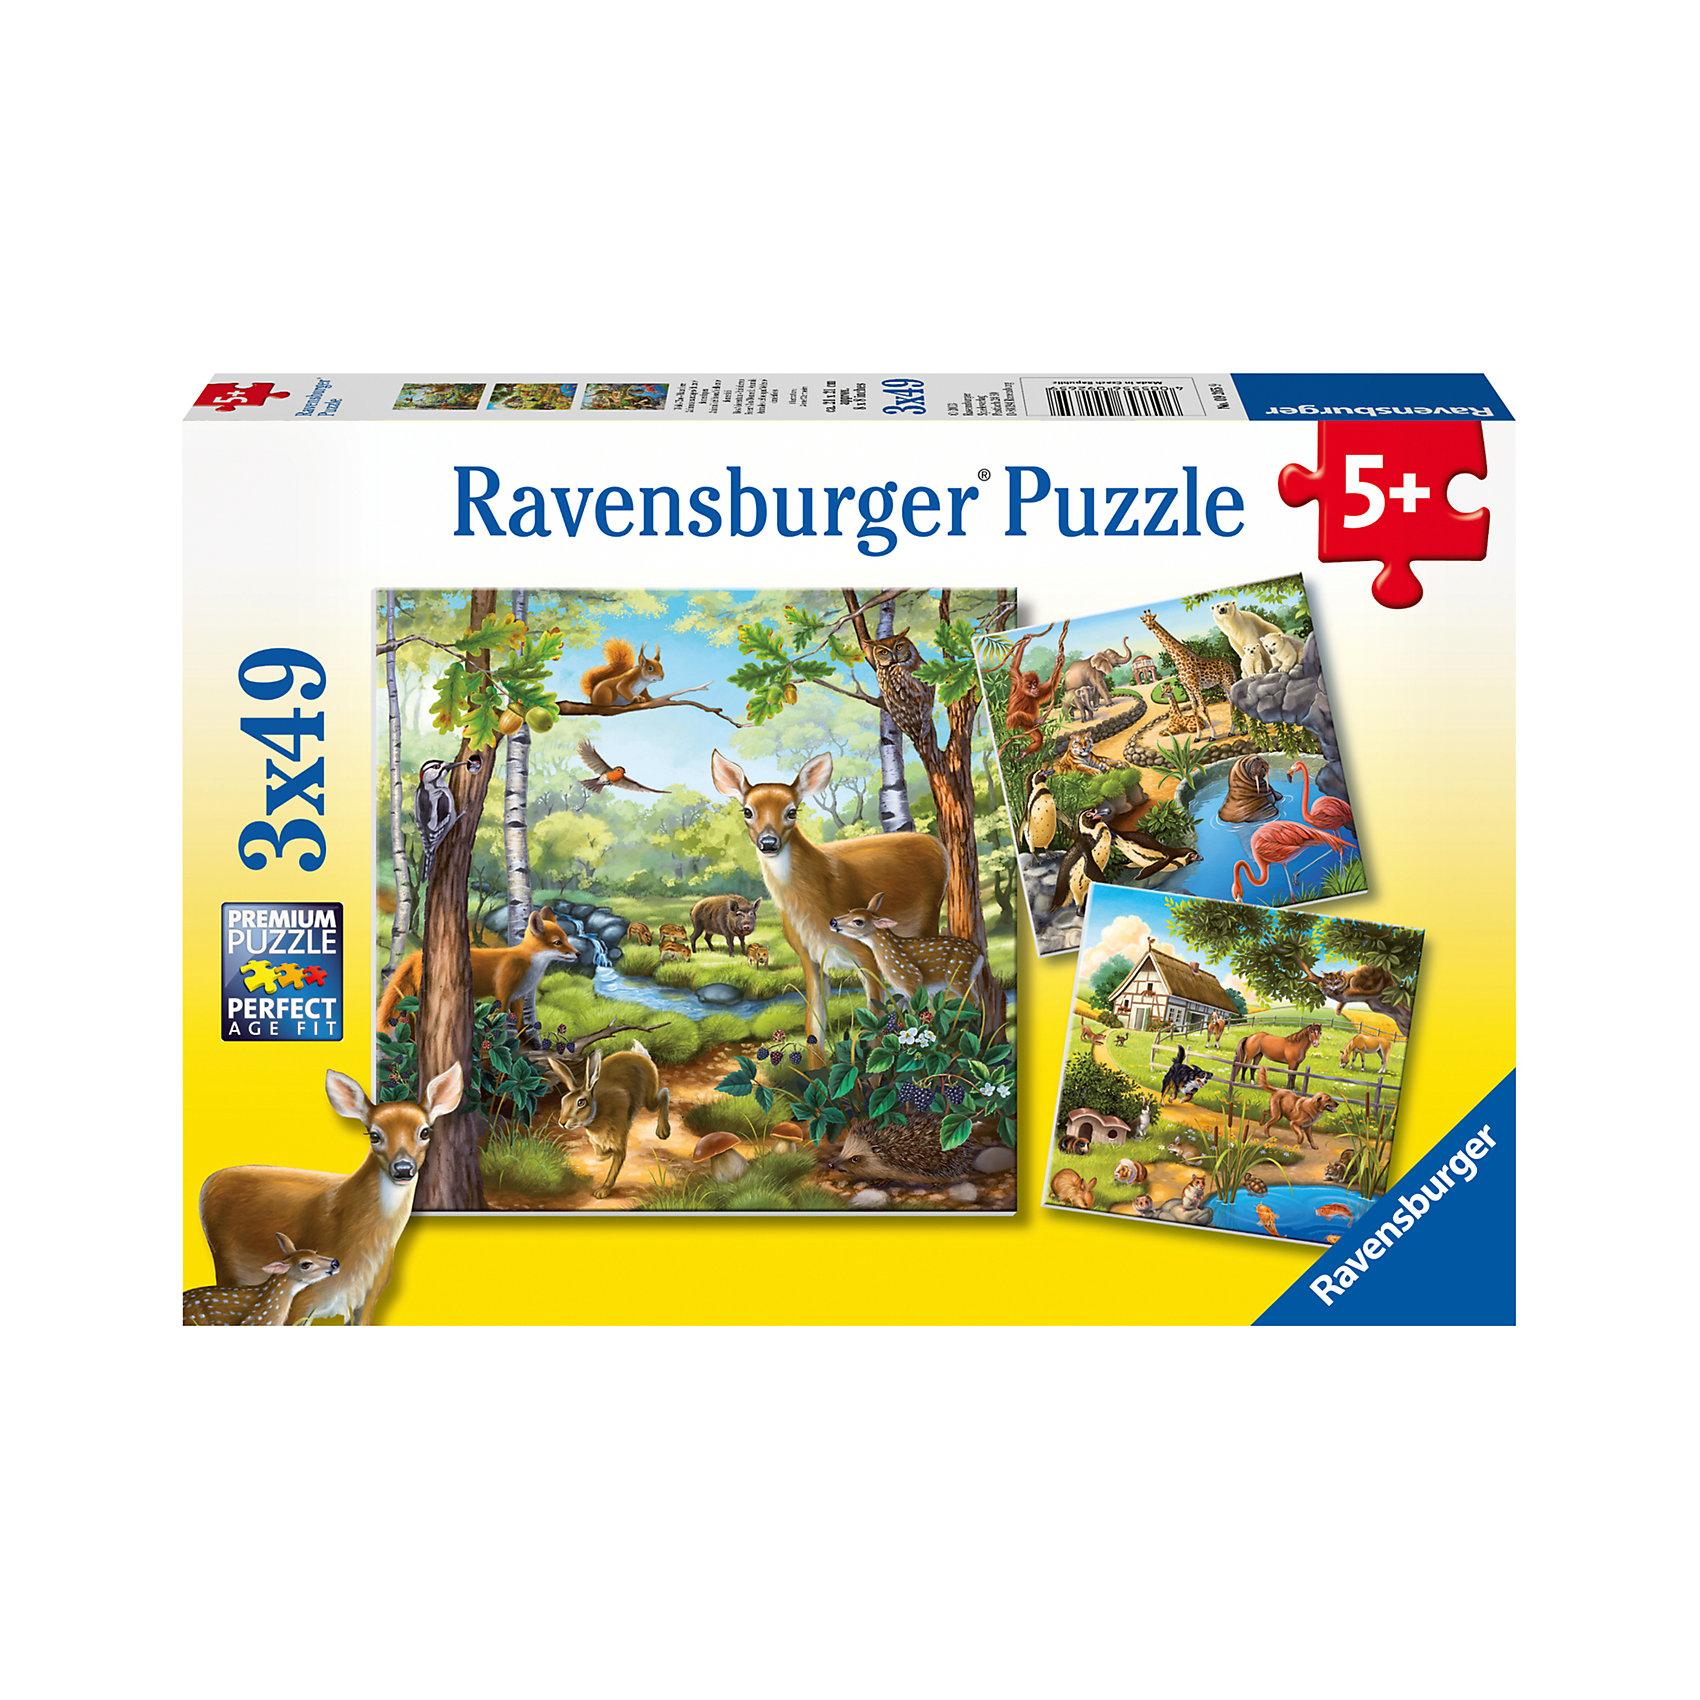 Пазл «Лес, зоопарк, домашние животные» 3х49 деталей, RavensburgerПазлы для малышей<br>Пазл «Лес, зоопарк, домашние животные»3х49 деталей, Ravensburger (Равенсбургер) – это увлекательное времяпрепровождение для Вашего ребенка!<br>В набор входит три красочных пазла с изображениями животных в лесу, в зоопарке и дома. Крупные и яркие детали пазла привлекут внимание маленьких детей и не потеряются. Собирая картинку, ребенок развивает логическое мышление, воображение, мелкую моторику и умение принимать самостоятельные решения. Пазлы Ravensburger неповторимы и уникальны тем, что для их изготовления используется картон наивысшего класса, благодаря которому сложенные головоломки не сгибаются, сам картон не отделяется от картинки, а сложенная картинка представляется абсолютно плоской и не деформируется даже спустя время. Прочные детали не ломаются. Каждая деталь имеет свою форму и подходит только на своё место. Матовая поверхность исключает неприятные отблески. Изготовлено из экологического сырья.<br><br>Дополнительная информация:<br><br>- Количество деталей: 3 пазла по 49 деталей<br>- Размер картинки: 18х18 см.<br>- Материал: прочный картон<br>- Размер коробки: 28 x 4 x 19 см.<br><br>Пазл «Лес, зоопарк, домашние животные»3х49 деталей, Ravensburger (Равенсбургер) можно купить в нашем интернет-магазине.<br><br>Ширина мм: 279<br>Глубина мм: 189<br>Высота мм: 39<br>Вес г: 351<br>Возраст от месяцев: 60<br>Возраст до месяцев: 84<br>Пол: Унисекс<br>Возраст: Детский<br>Количество деталей: 49<br>SKU: 2414744